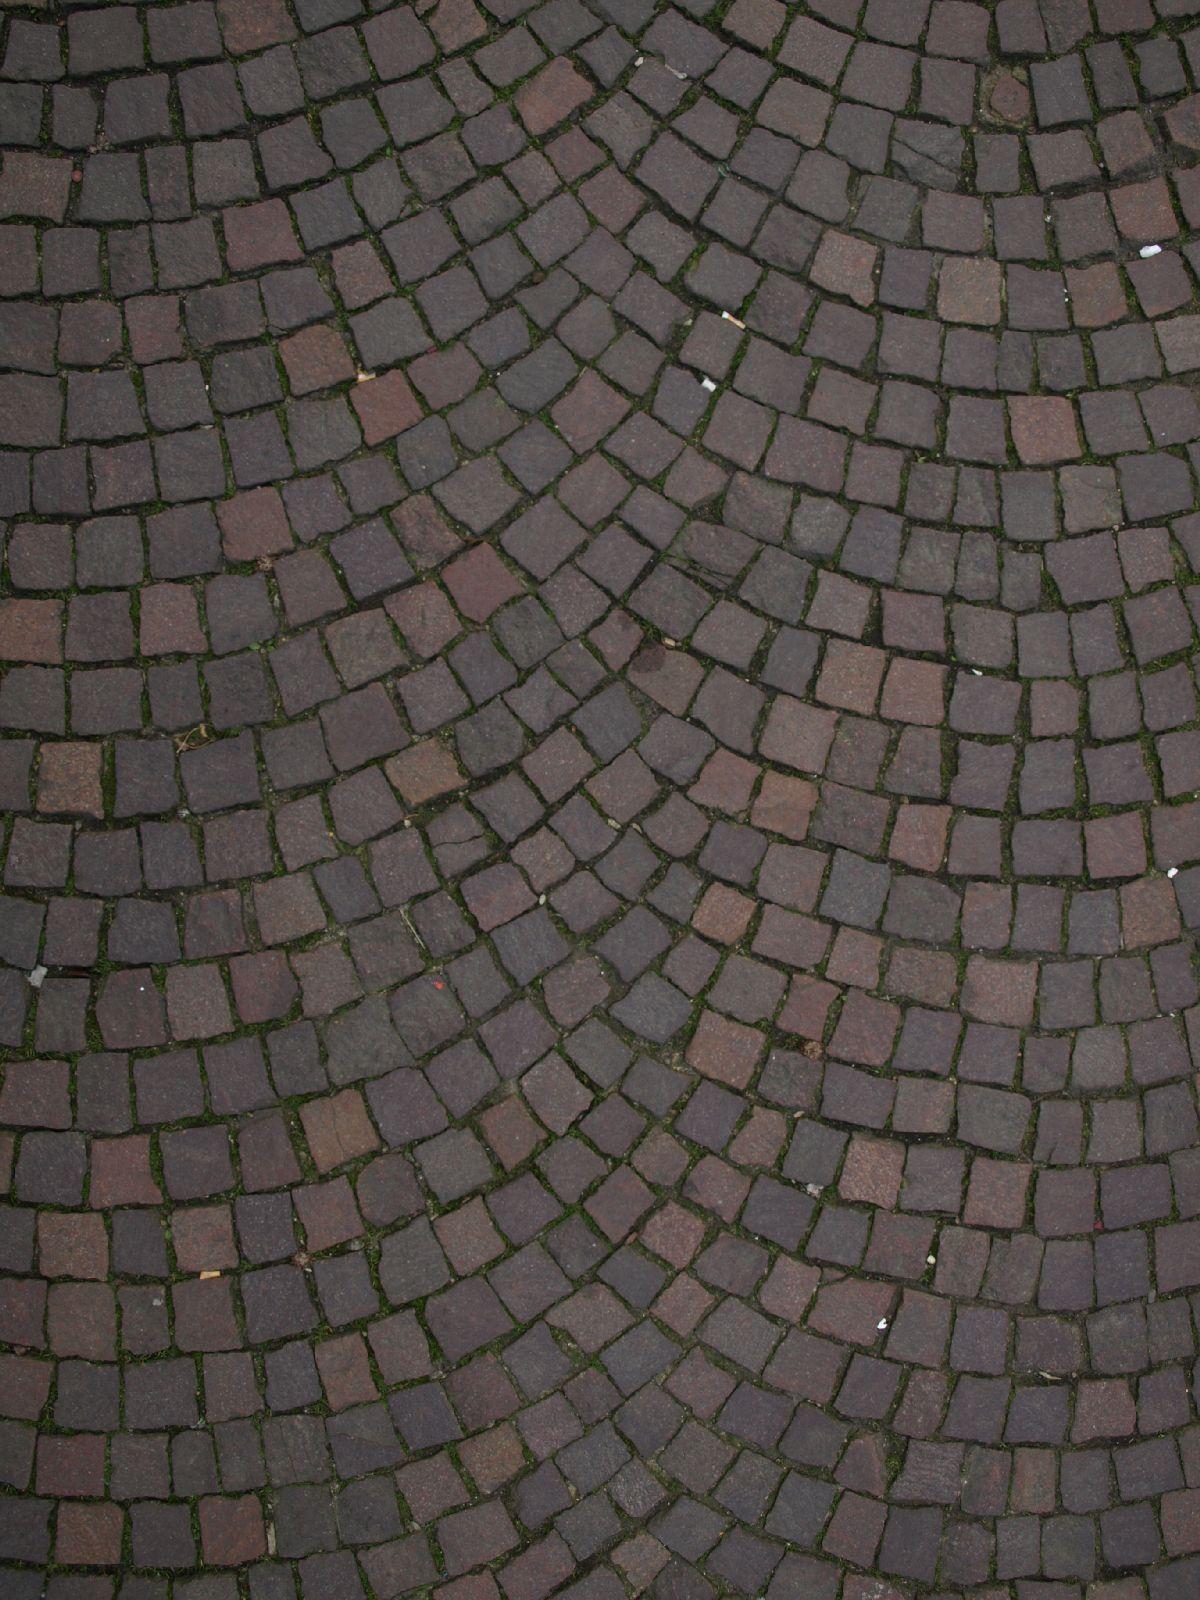 Boden-Gehweg-Strasse-Buergersteig-Textur_A_P4100544